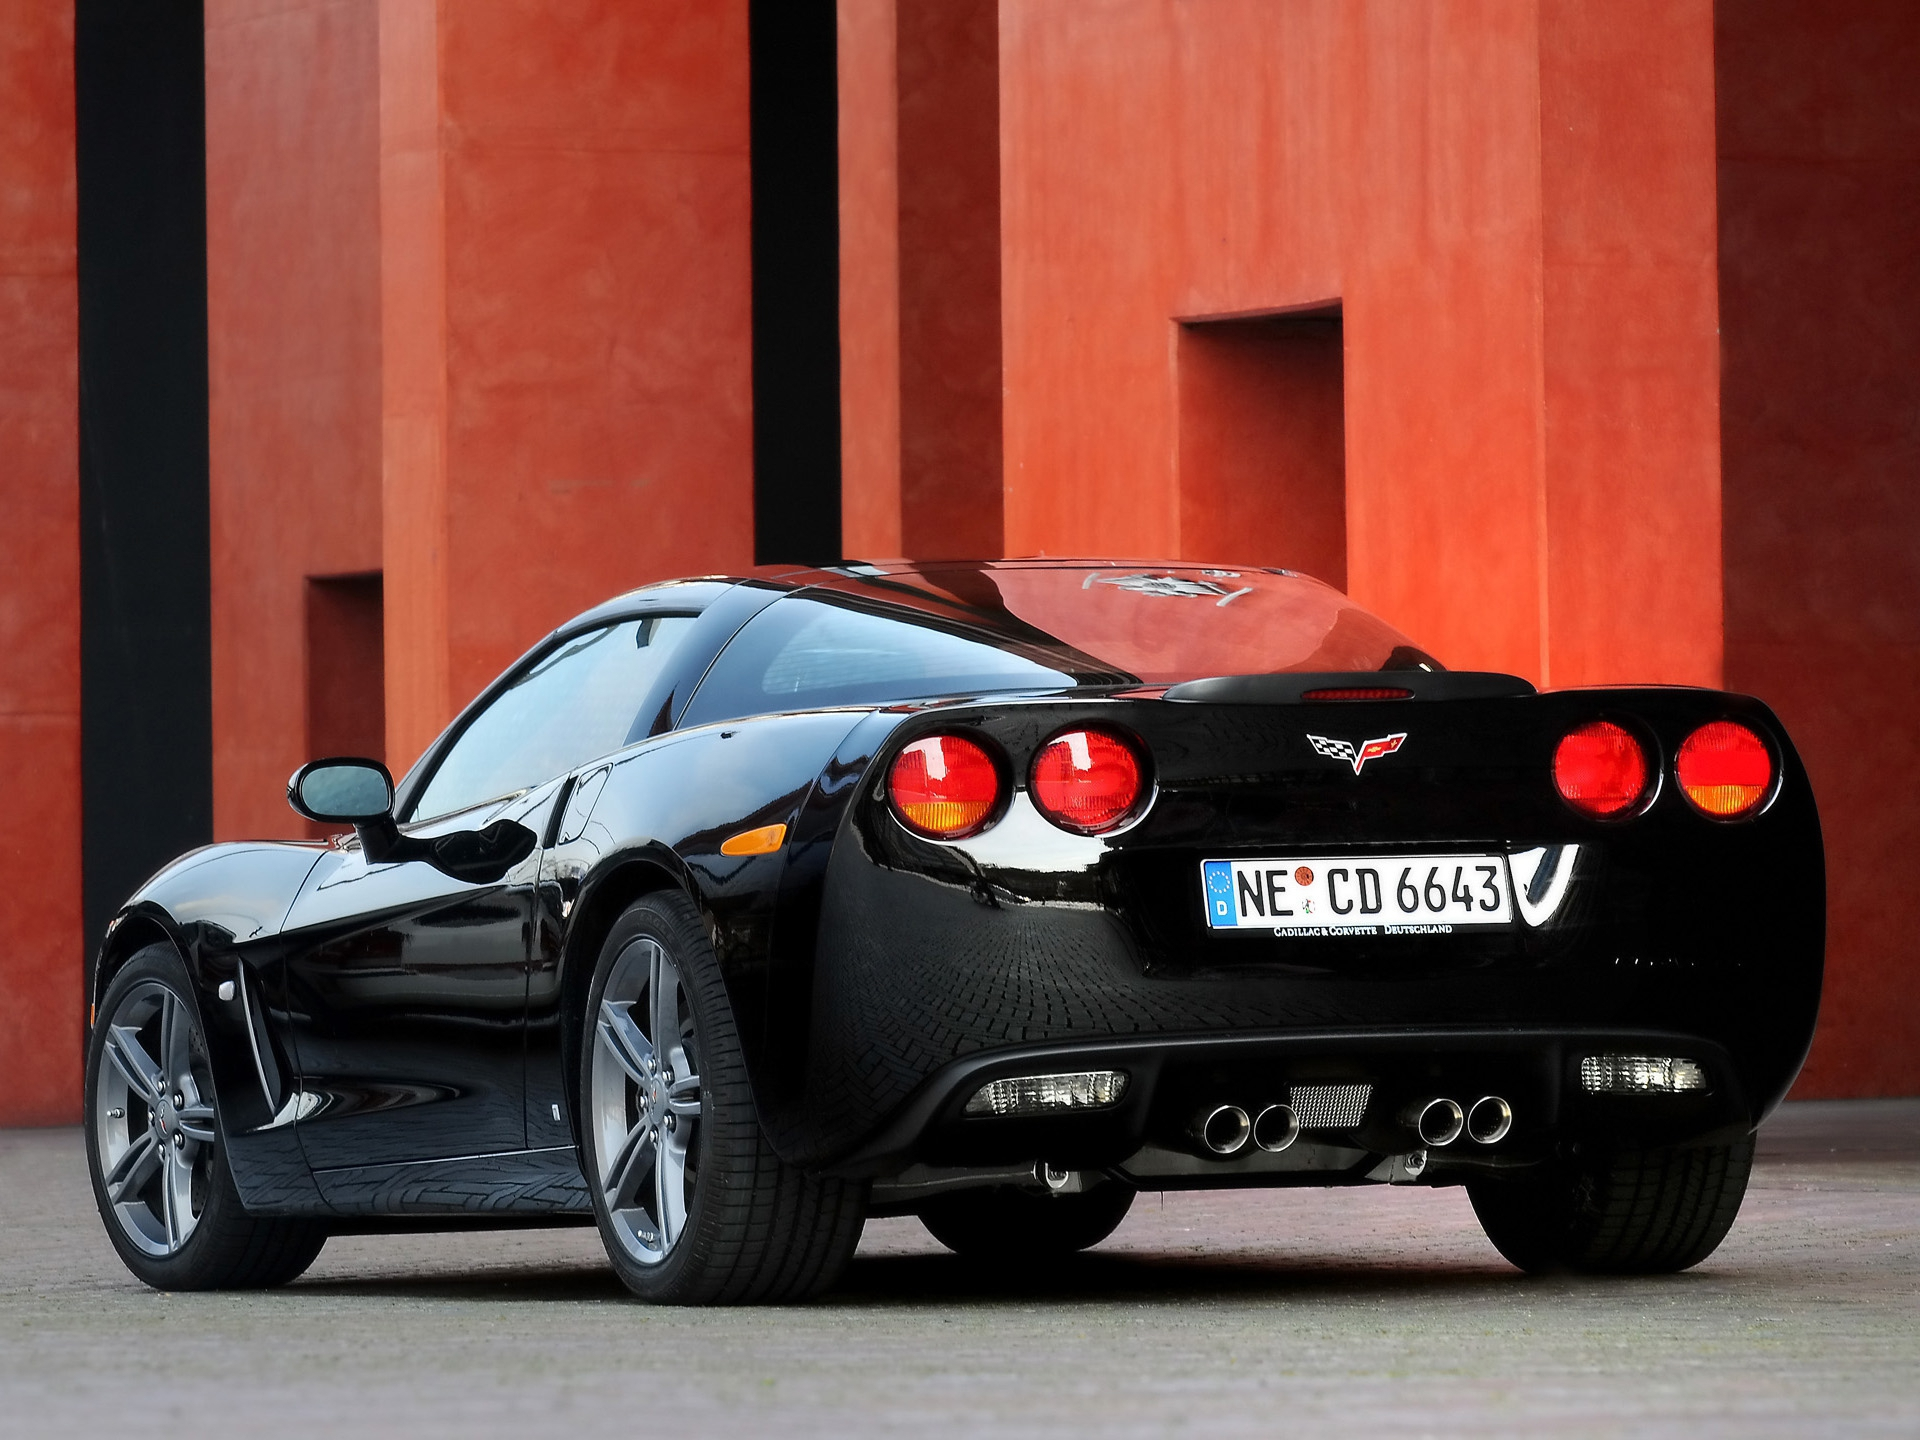 Chevrolet Corvette Background